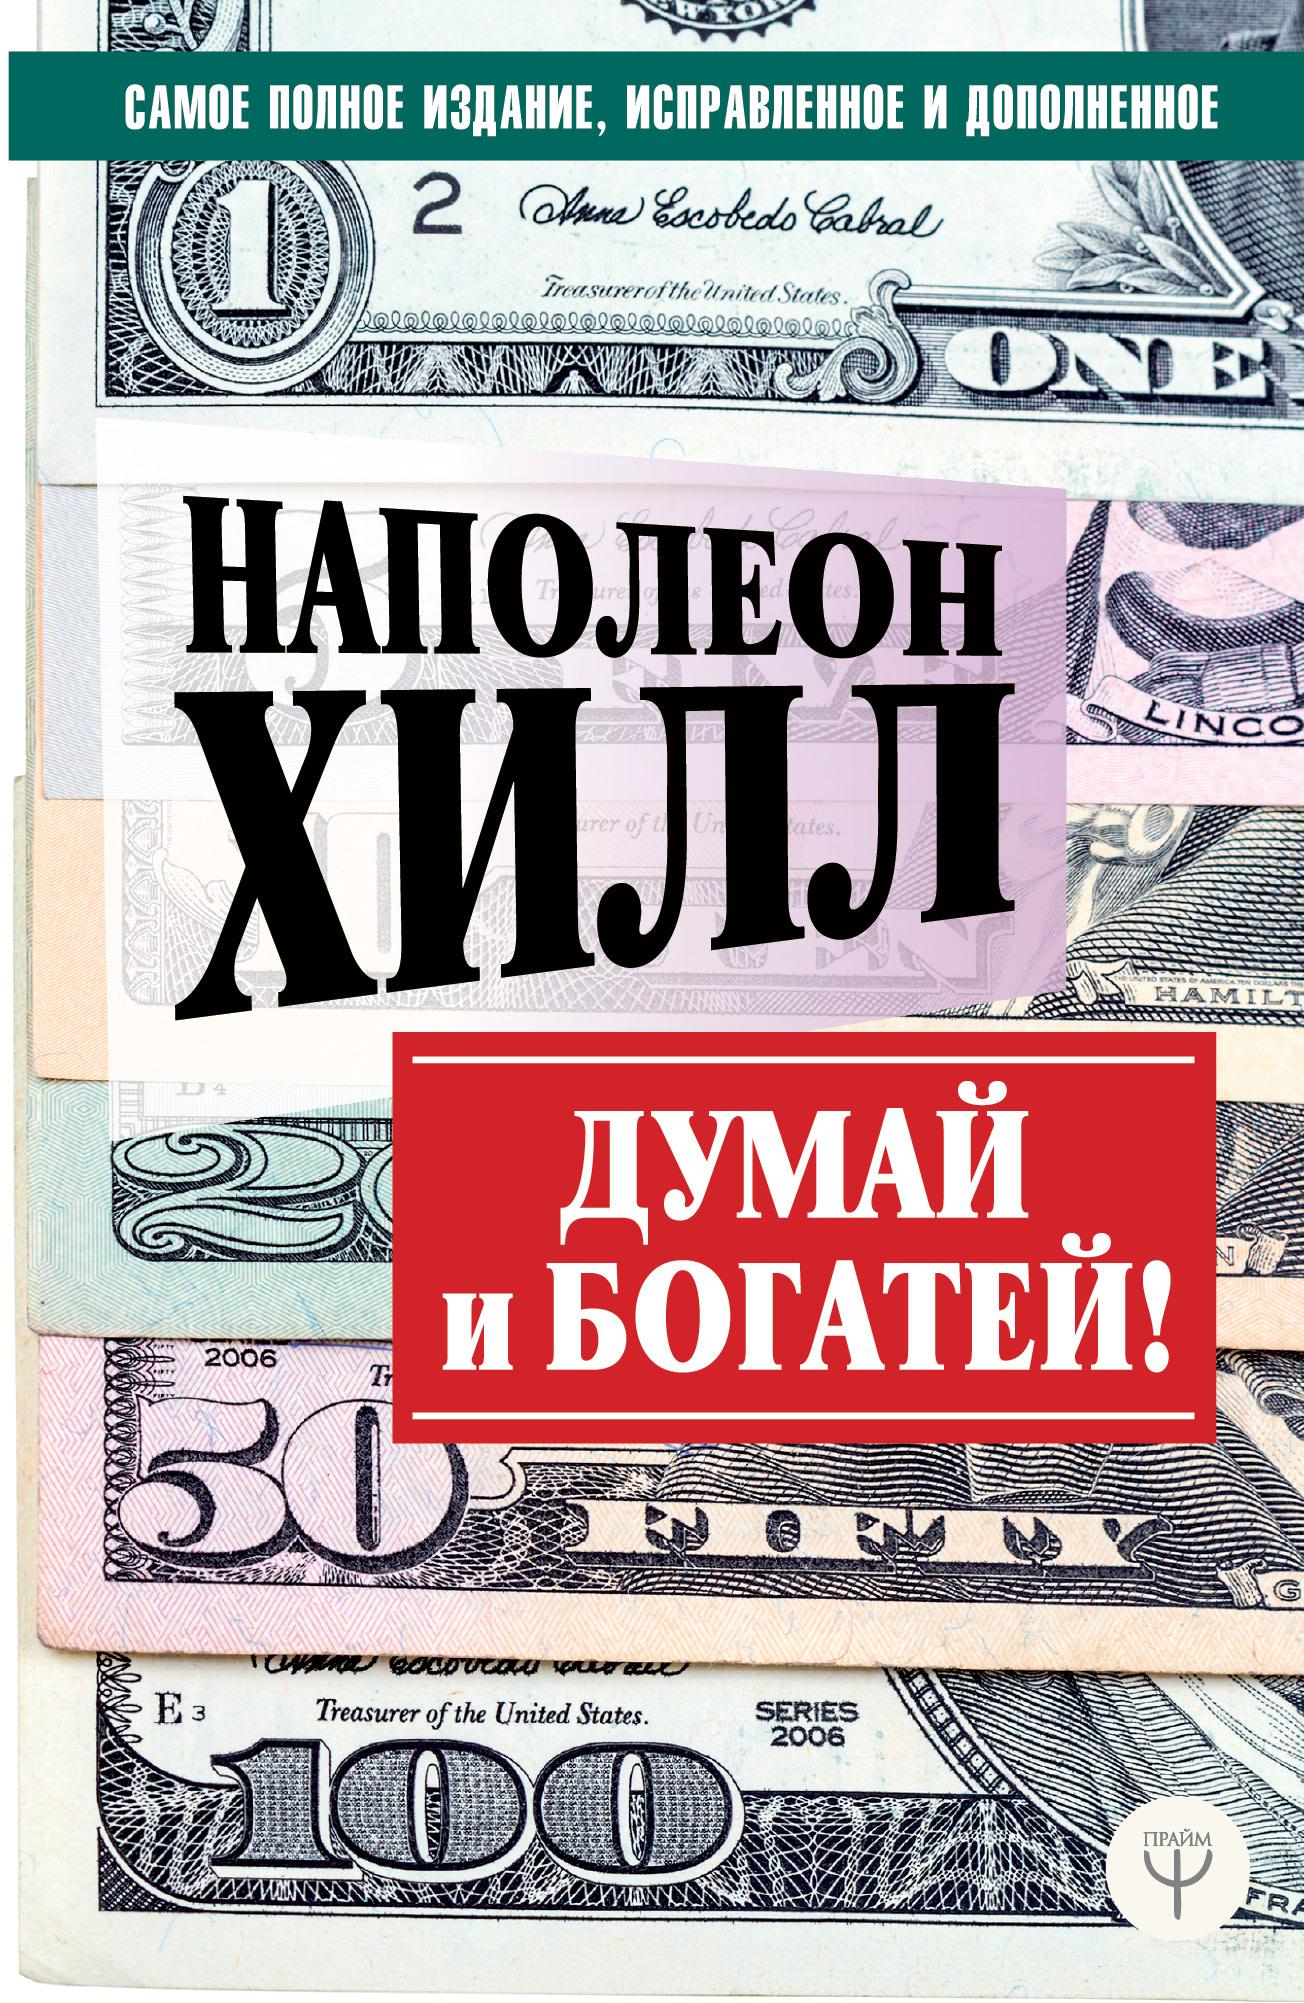 Наполеон Хилл ДУМАЙ И БОГАТЕЙ! Самое полное издание, исправленное и дополненное цены